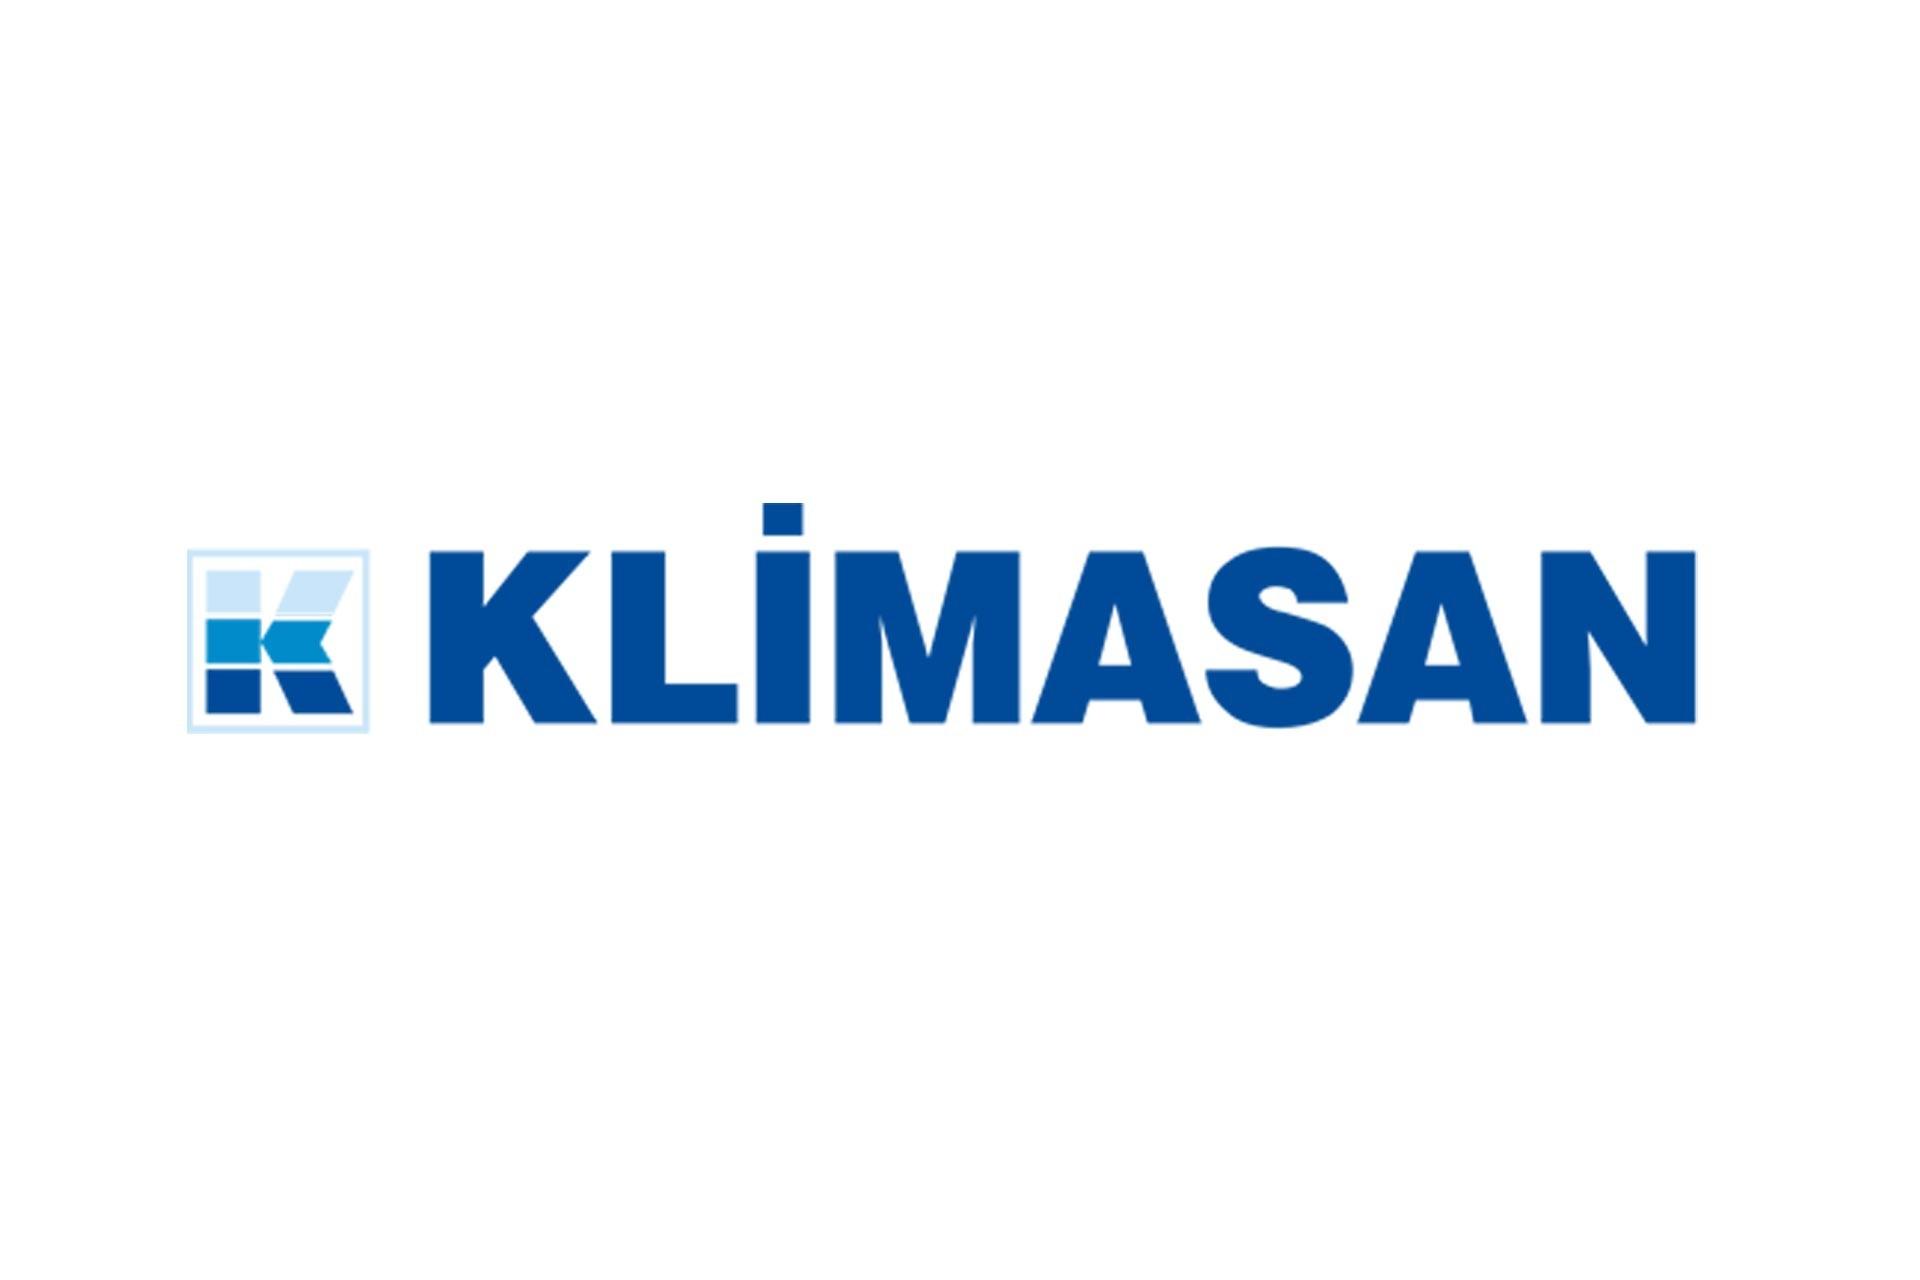 Manisa'da Klimasan fabrikasından 300 işçi çıkarıldı